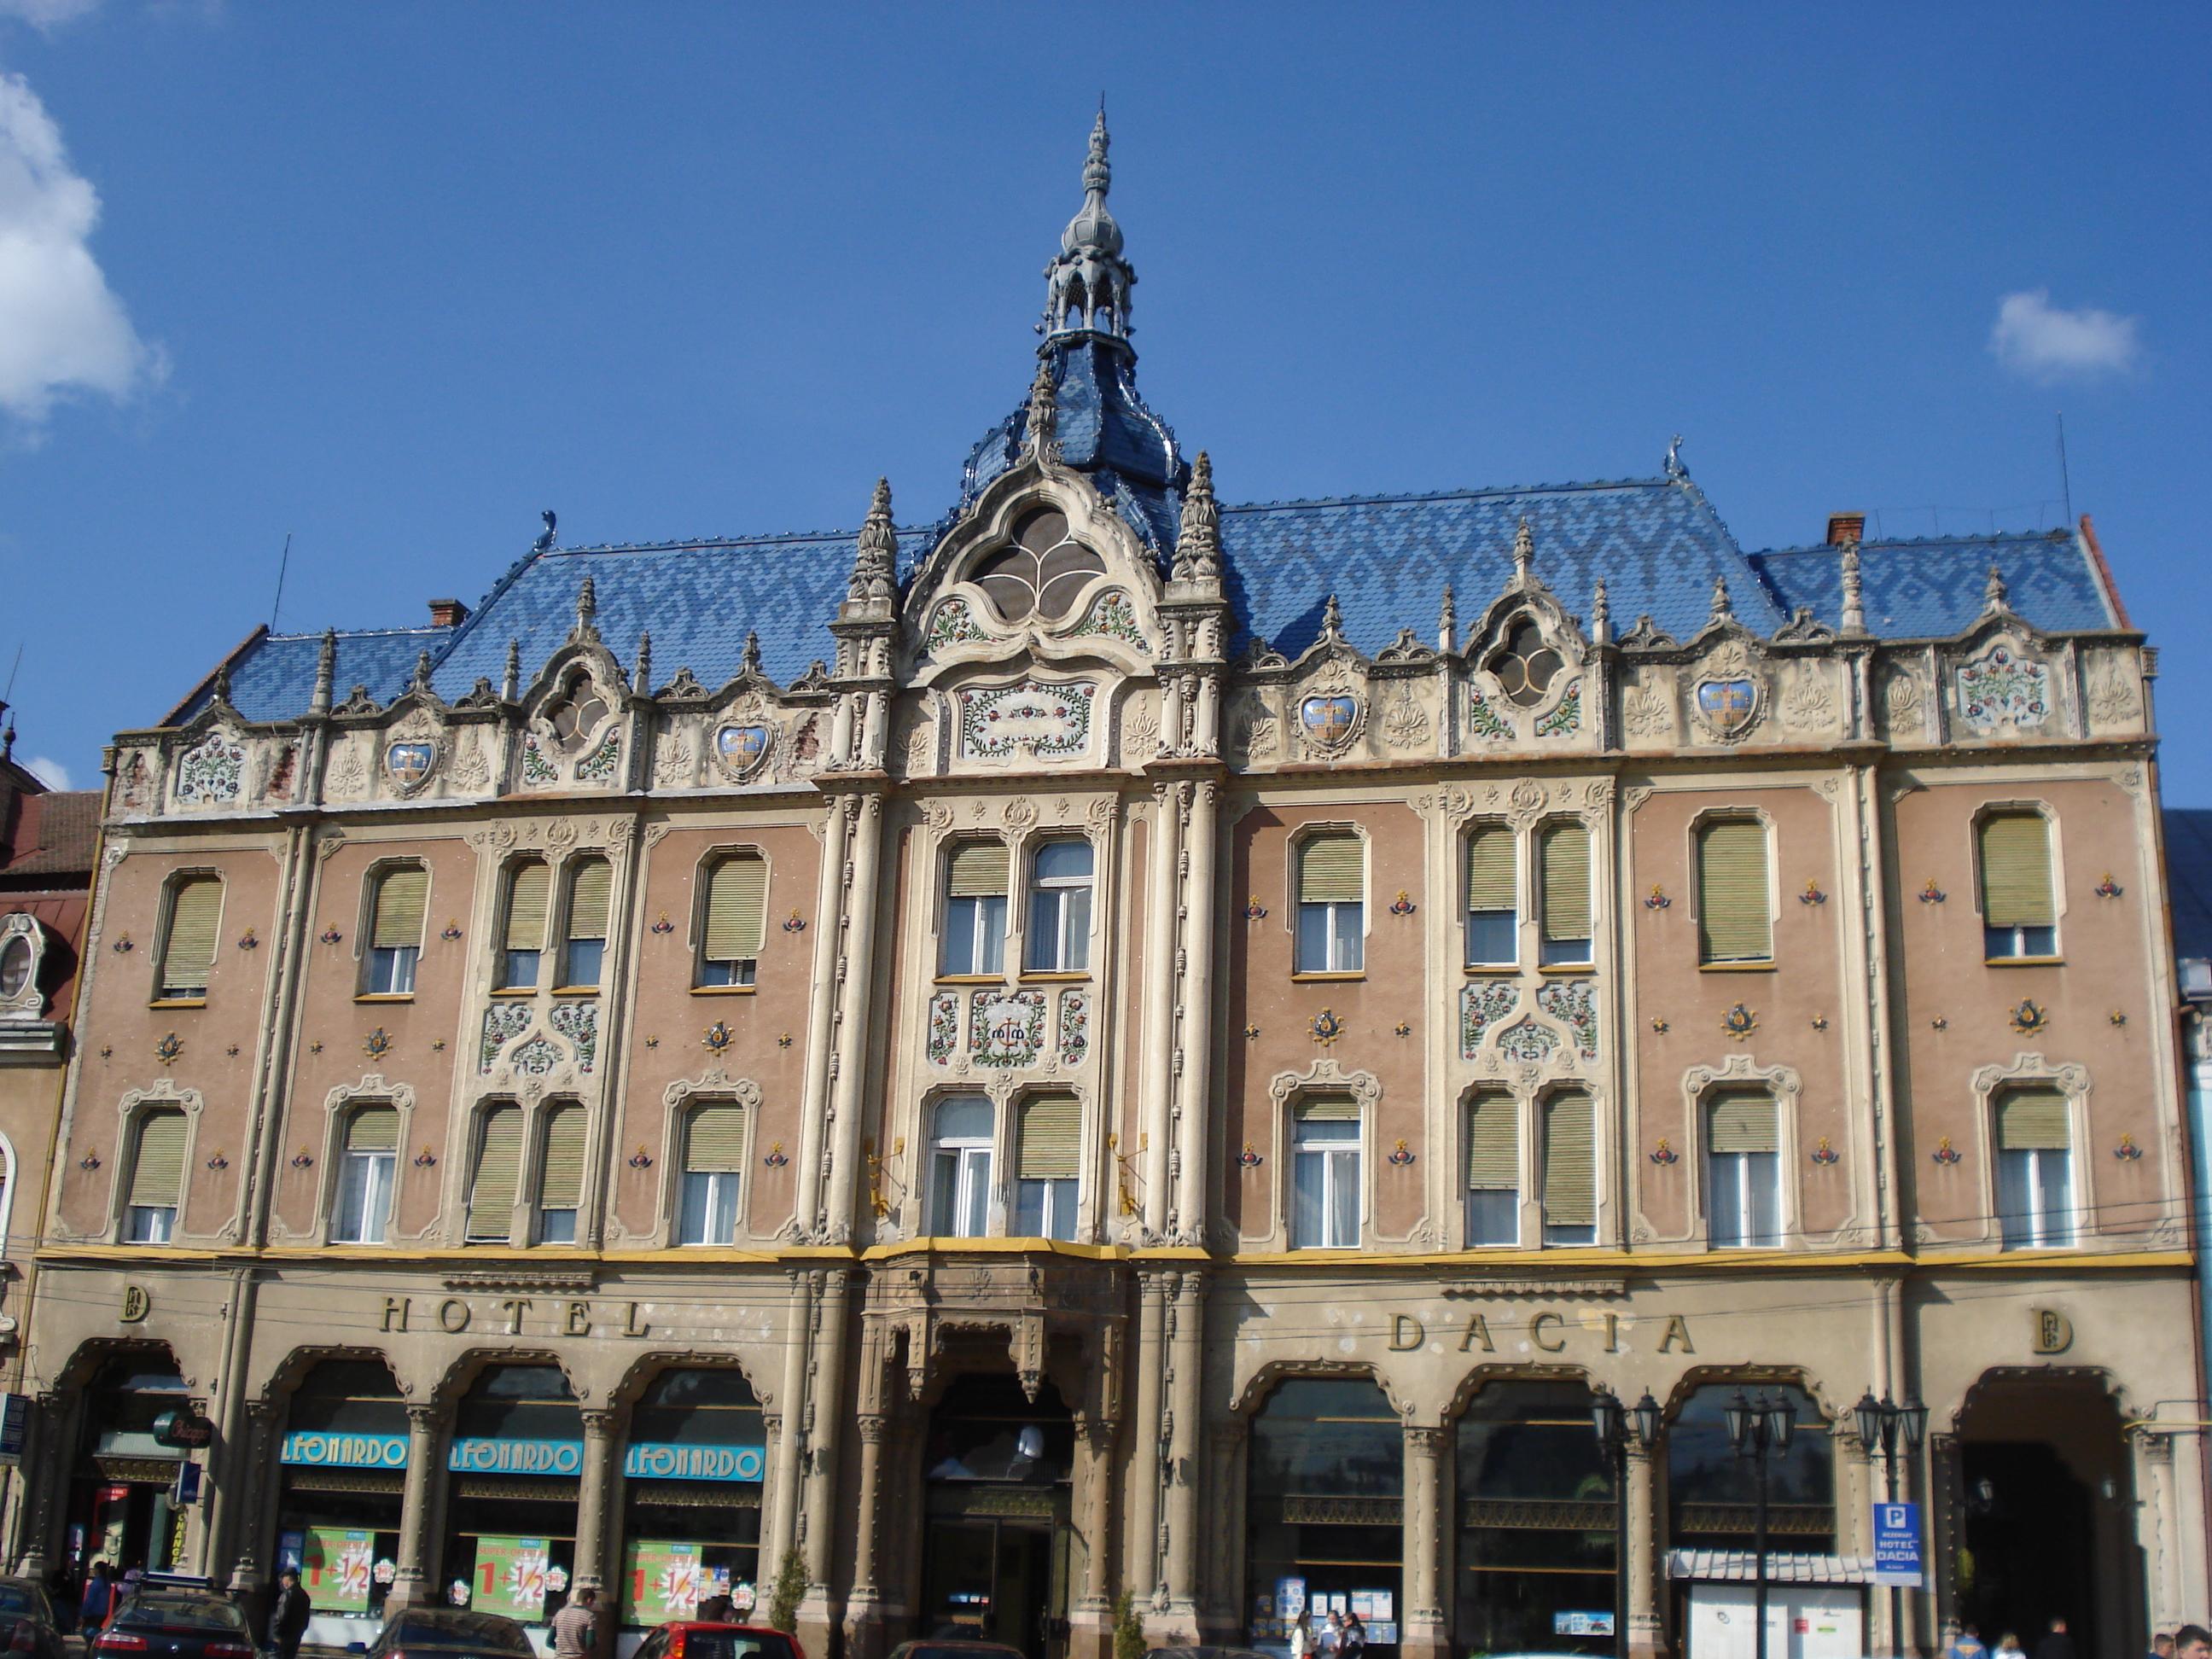 Fişier:Hotelul Dacia din Satu Mare.jpg